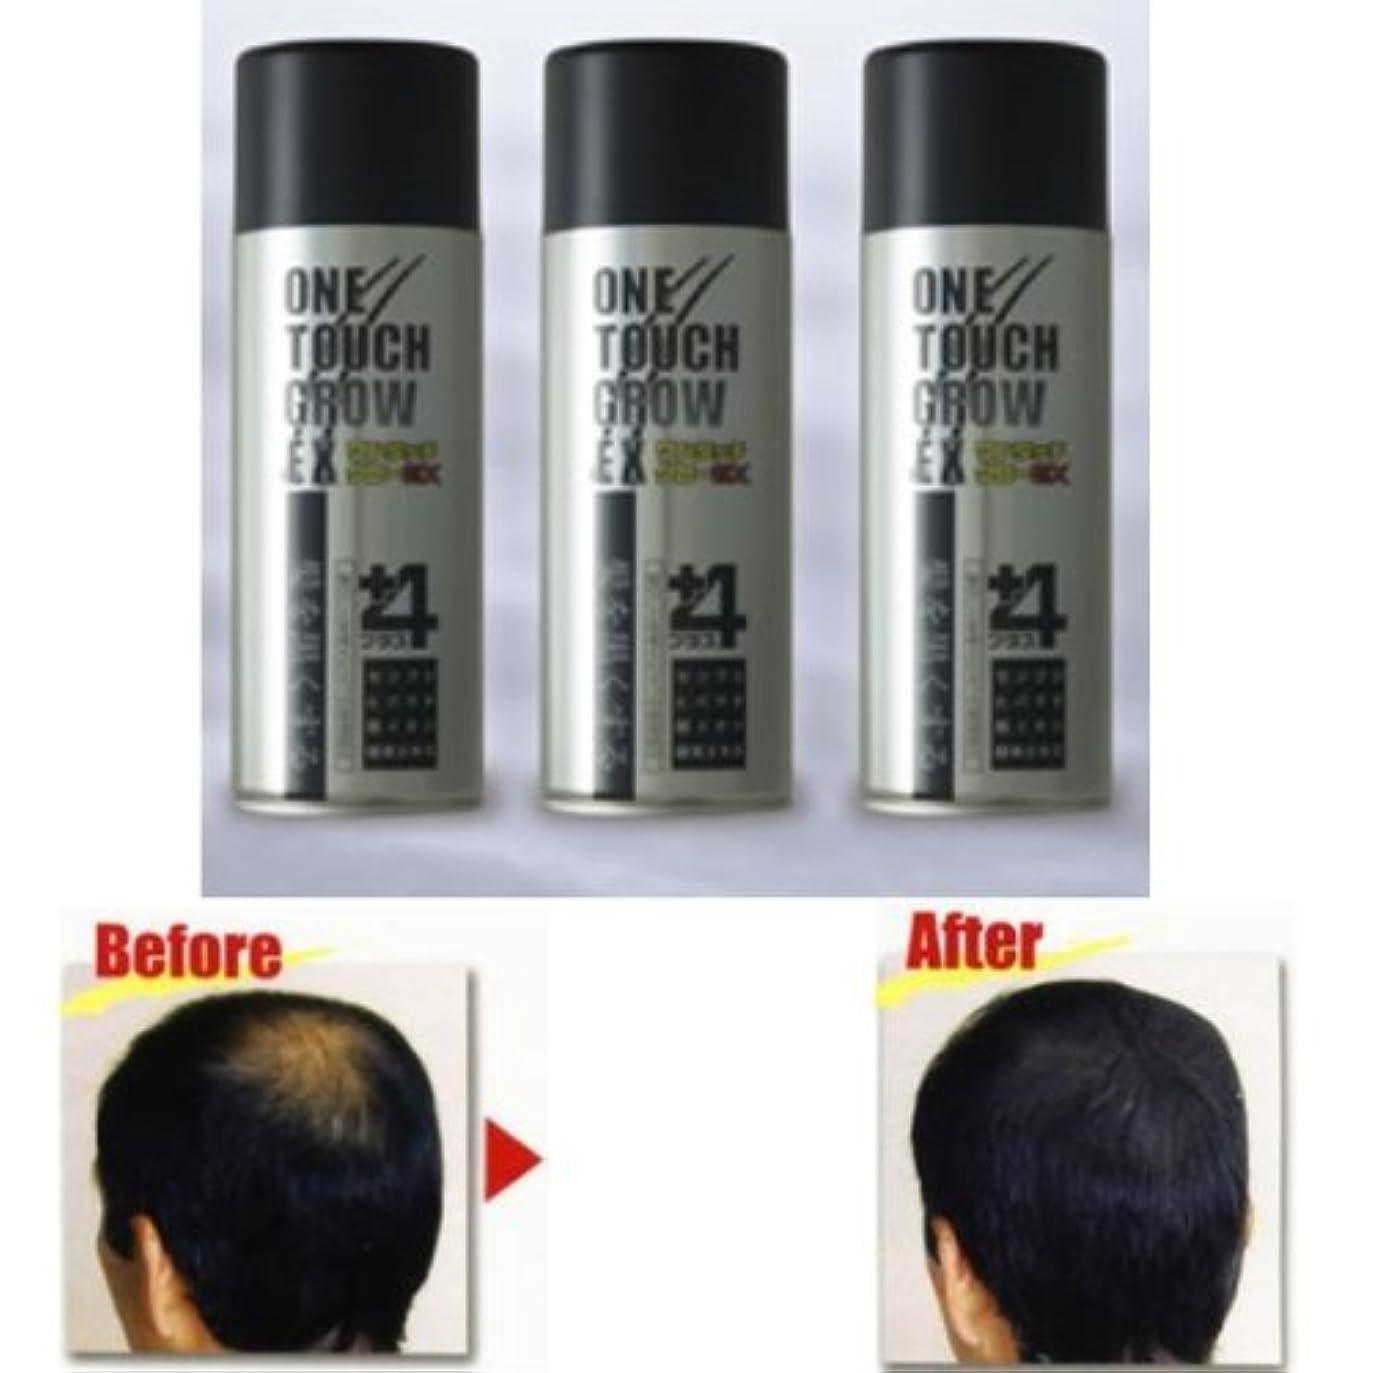 排泄物小数伝染性の3本セット髪を黒くする瞬間増毛スプレ-ワンタッチグローEX